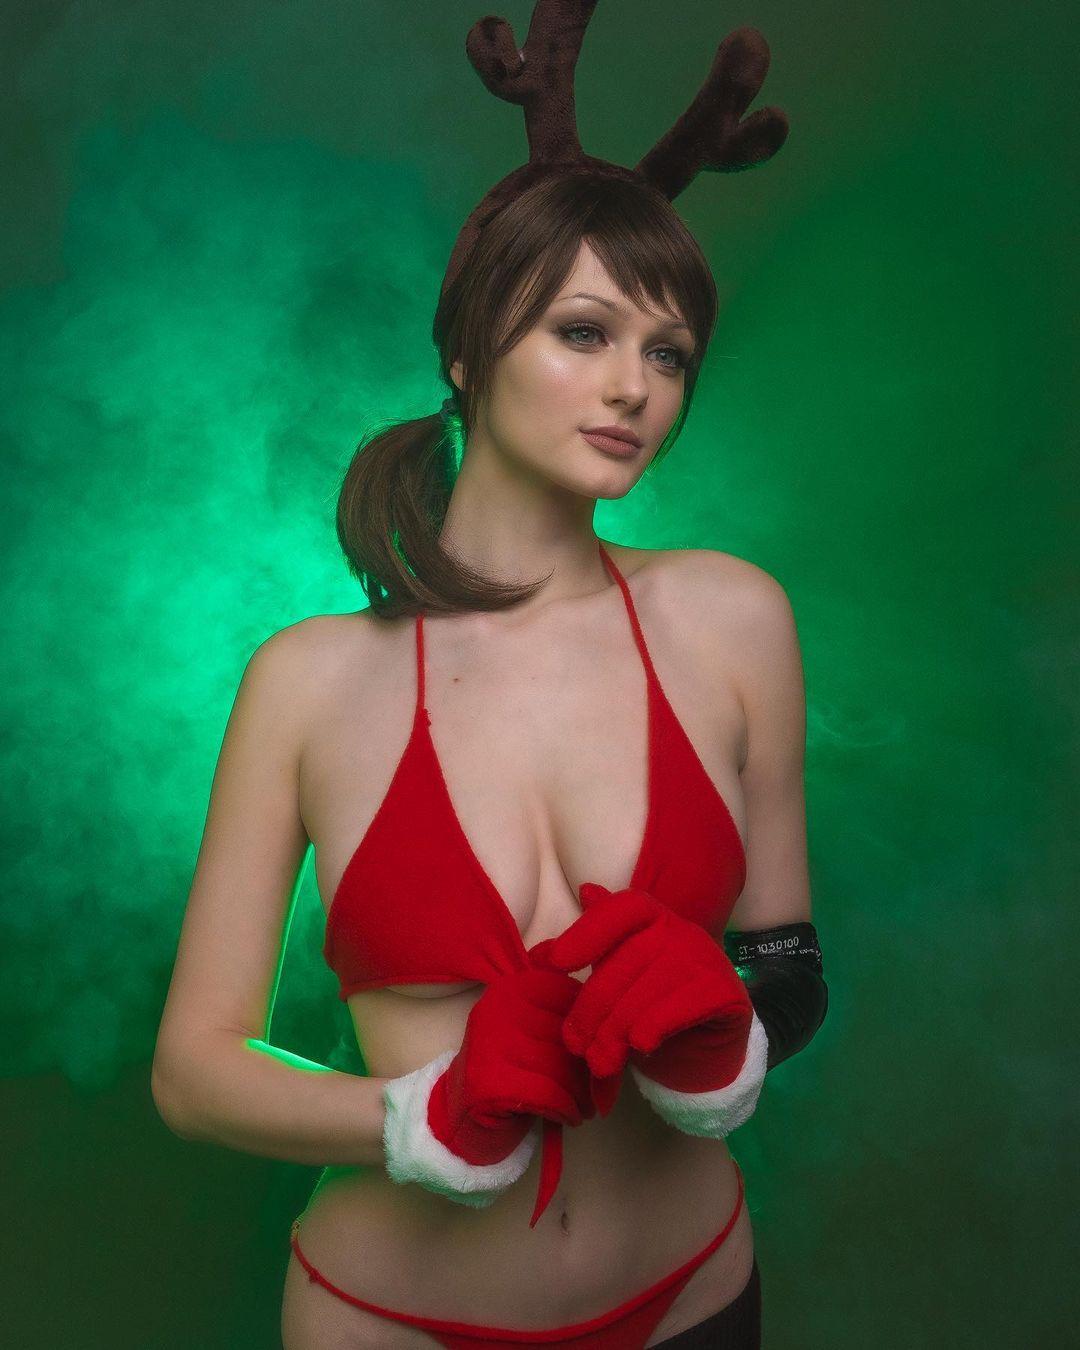 Косплеерши - 180 фото сексуальных девушек-косплейщиц, которые сводят с ума всех мужчин